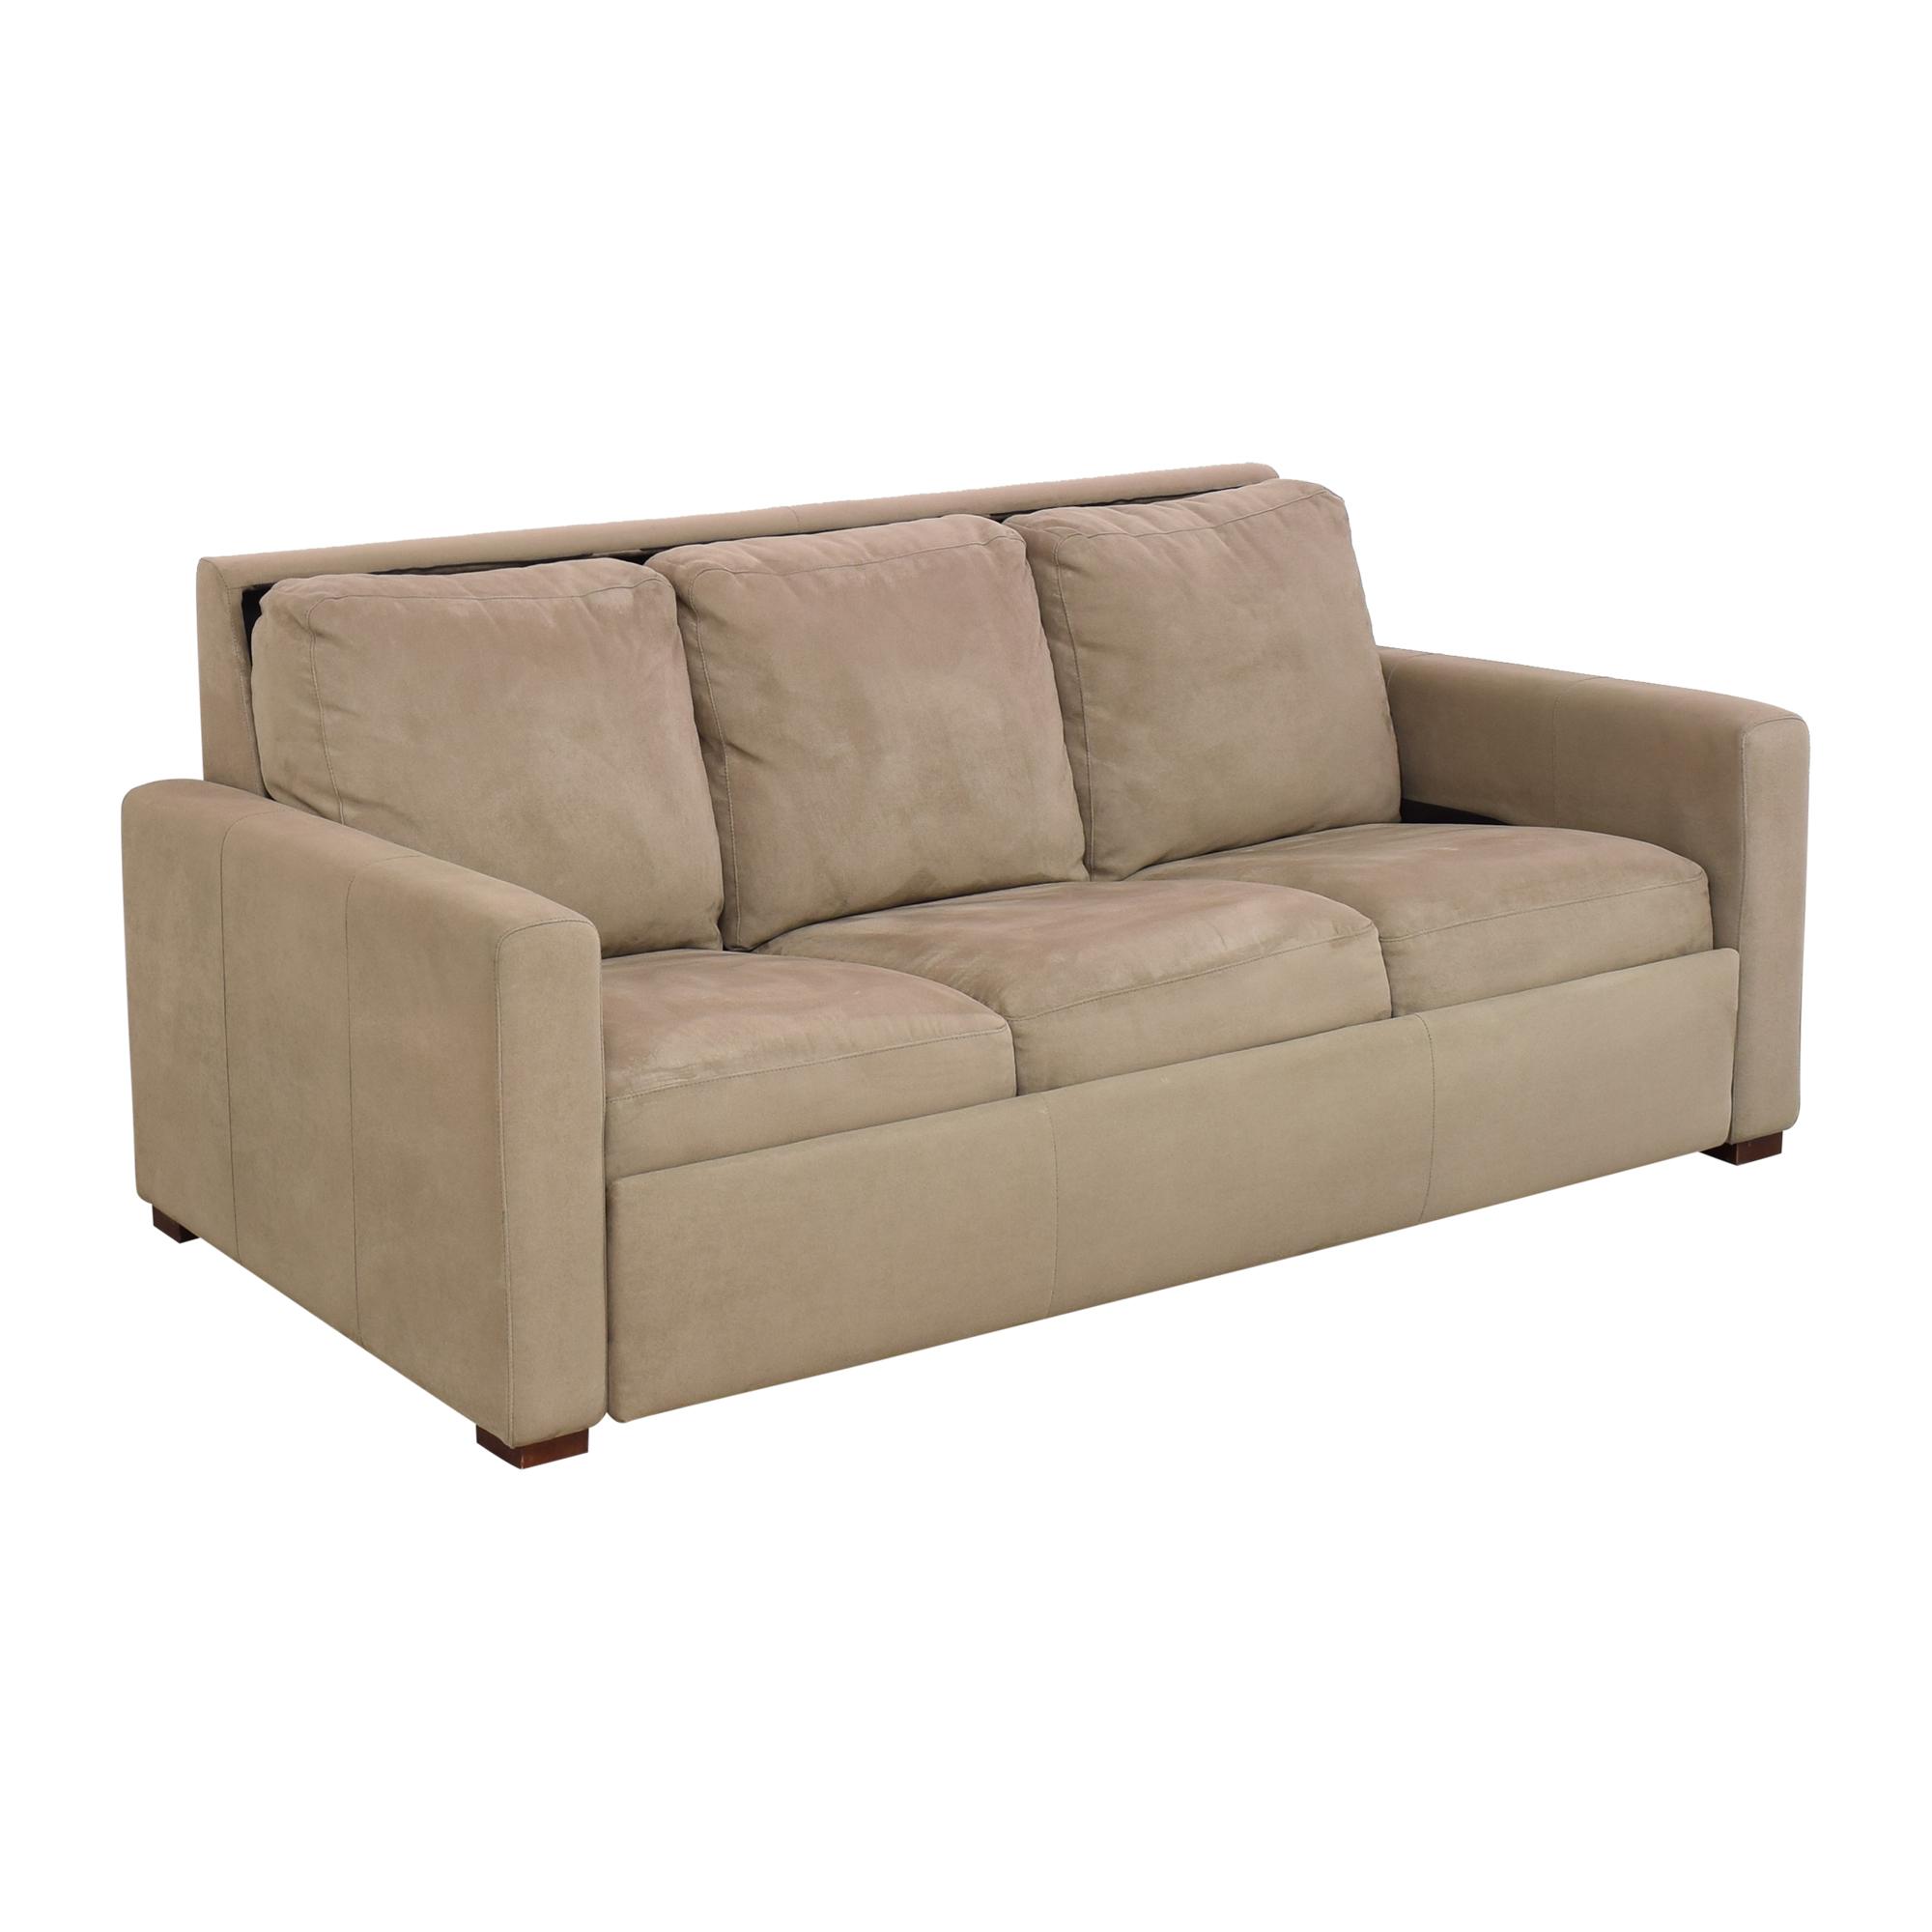 Room & Board Room & Board Allston Sleeper Sofa ct